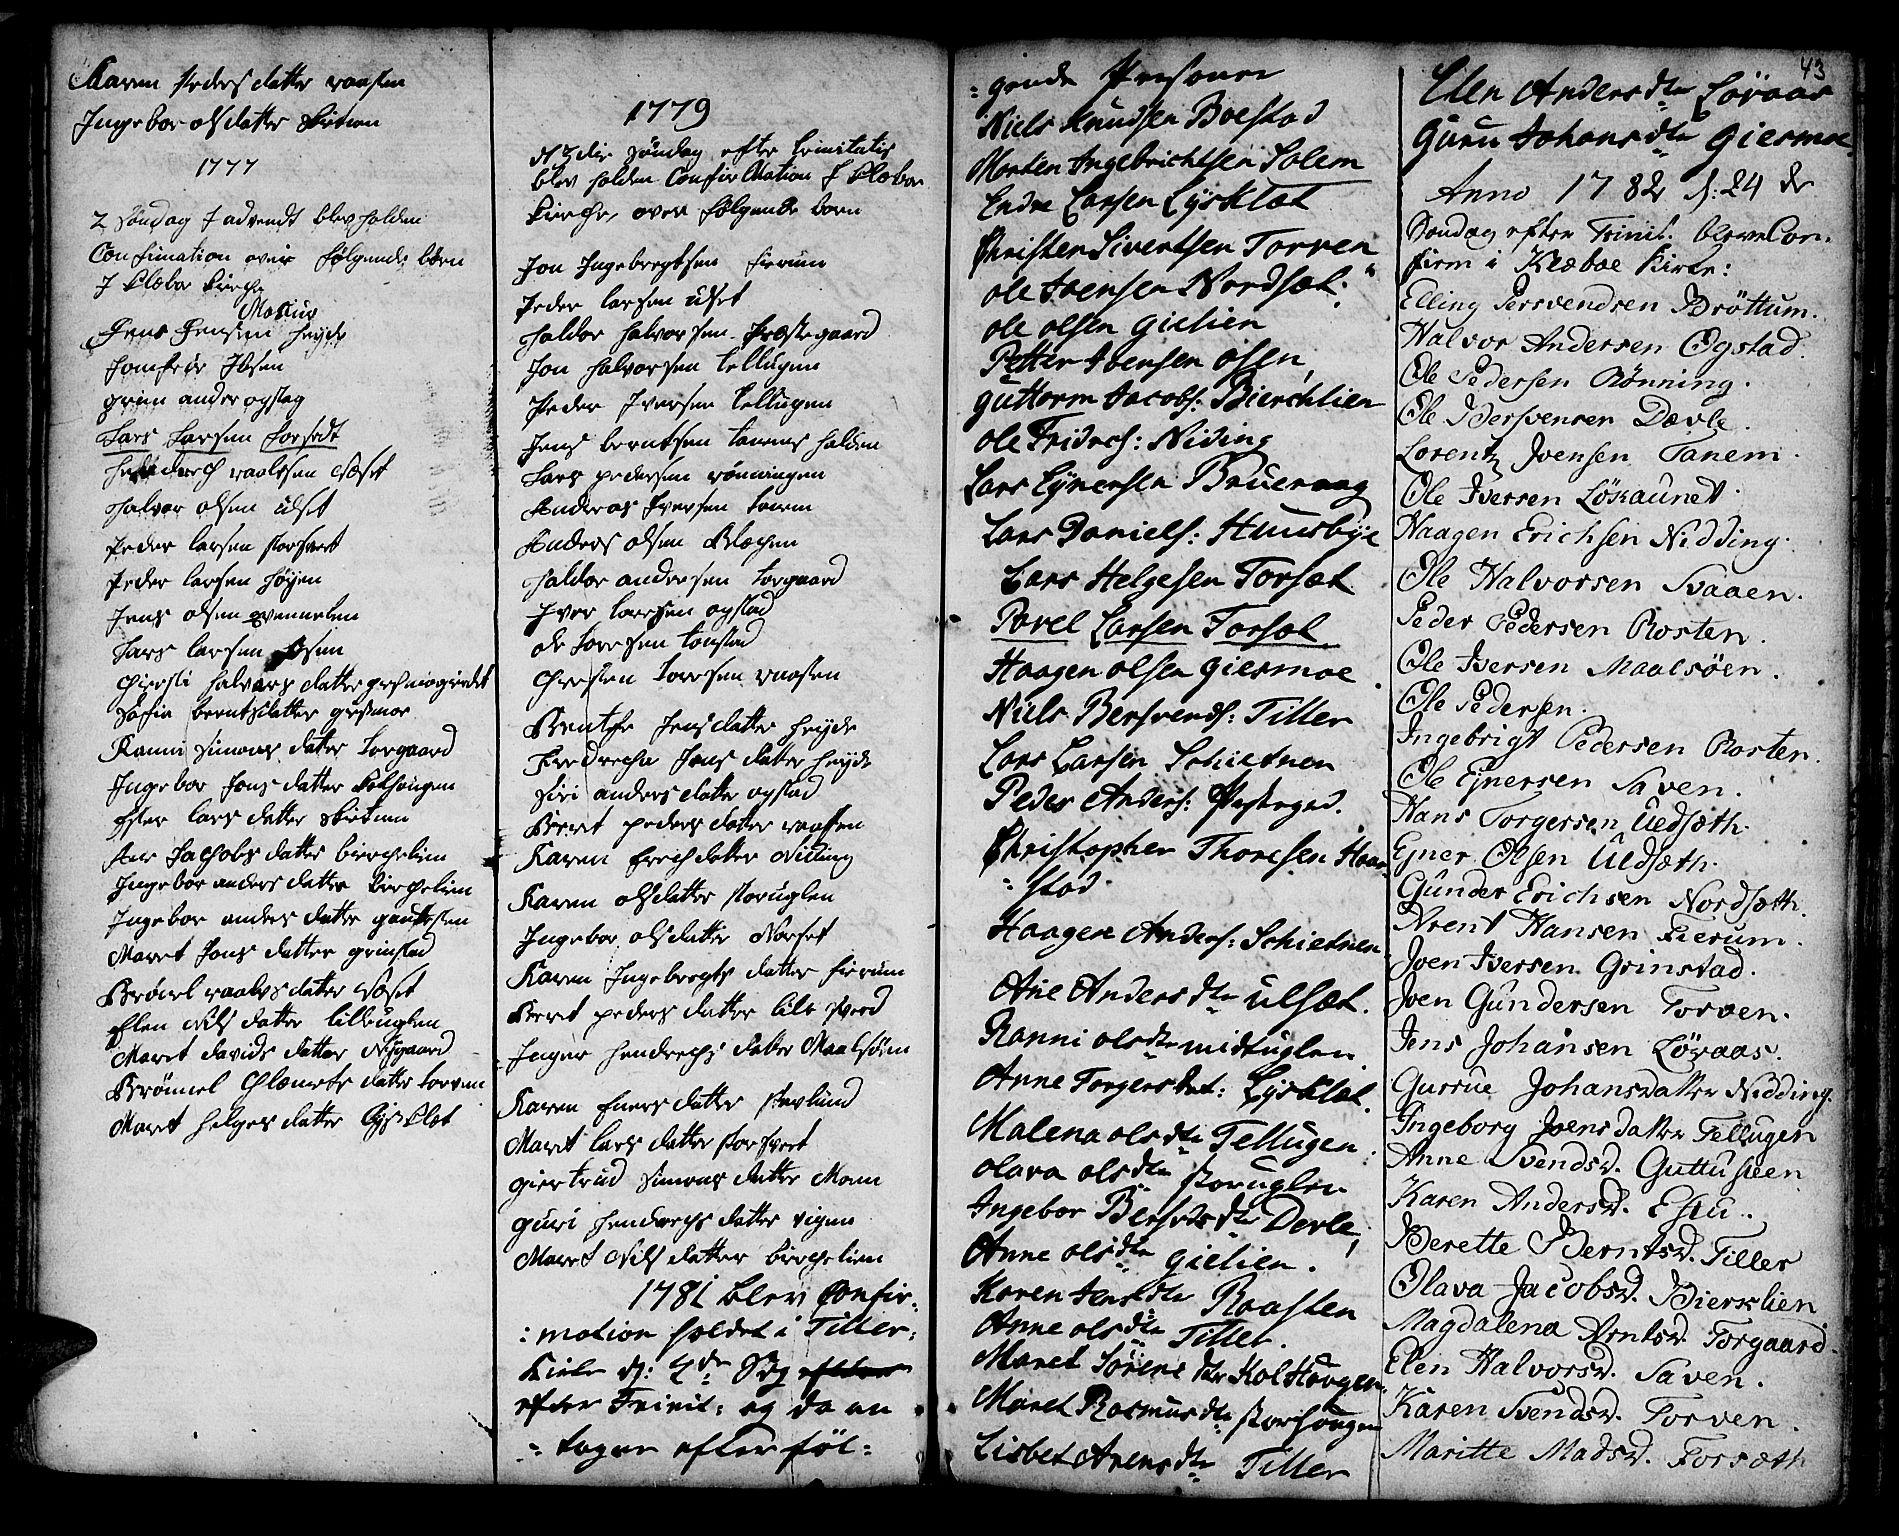 SAT, Ministerialprotokoller, klokkerbøker og fødselsregistre - Sør-Trøndelag, 618/L0437: Ministerialbok nr. 618A02, 1749-1782, s. 43